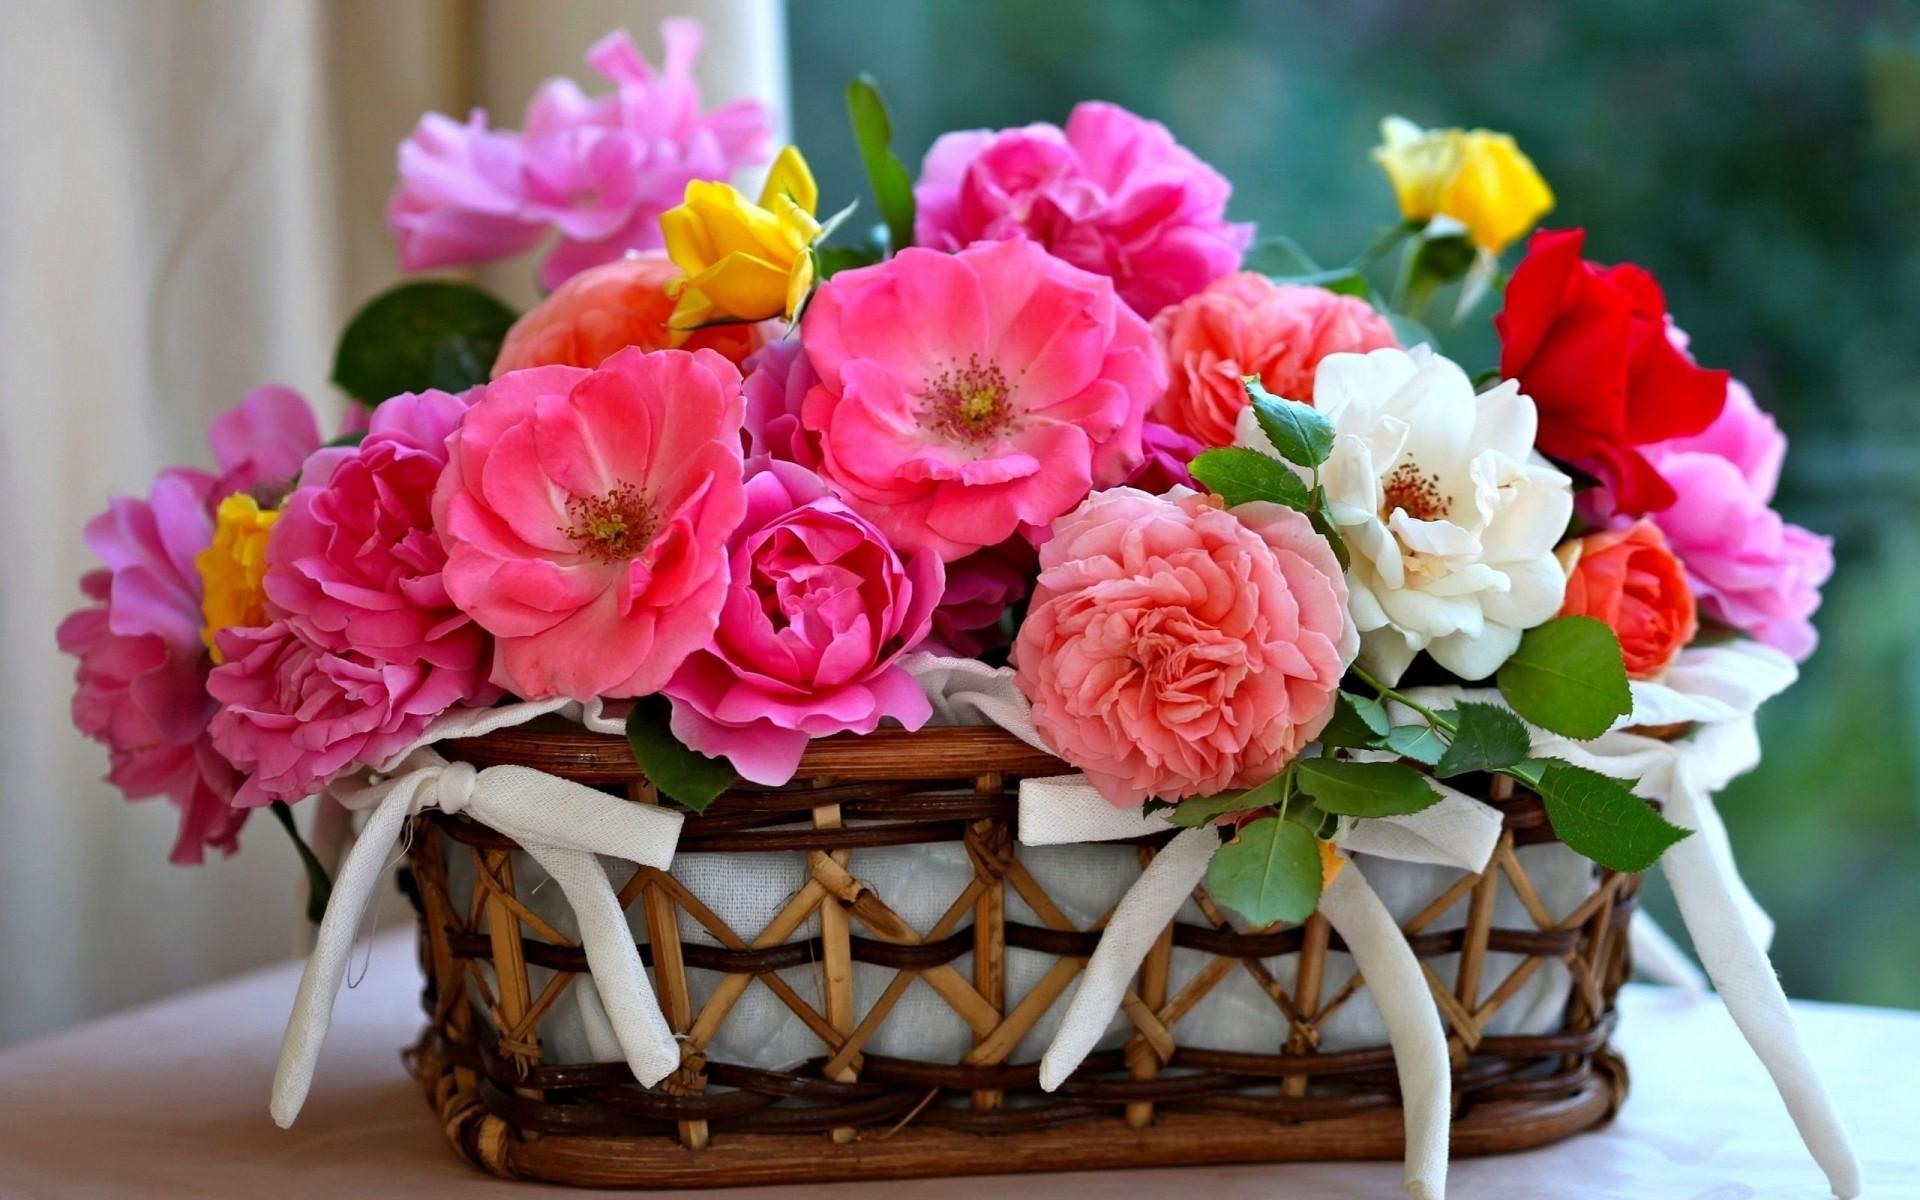 Фото с днем рождения с цветами